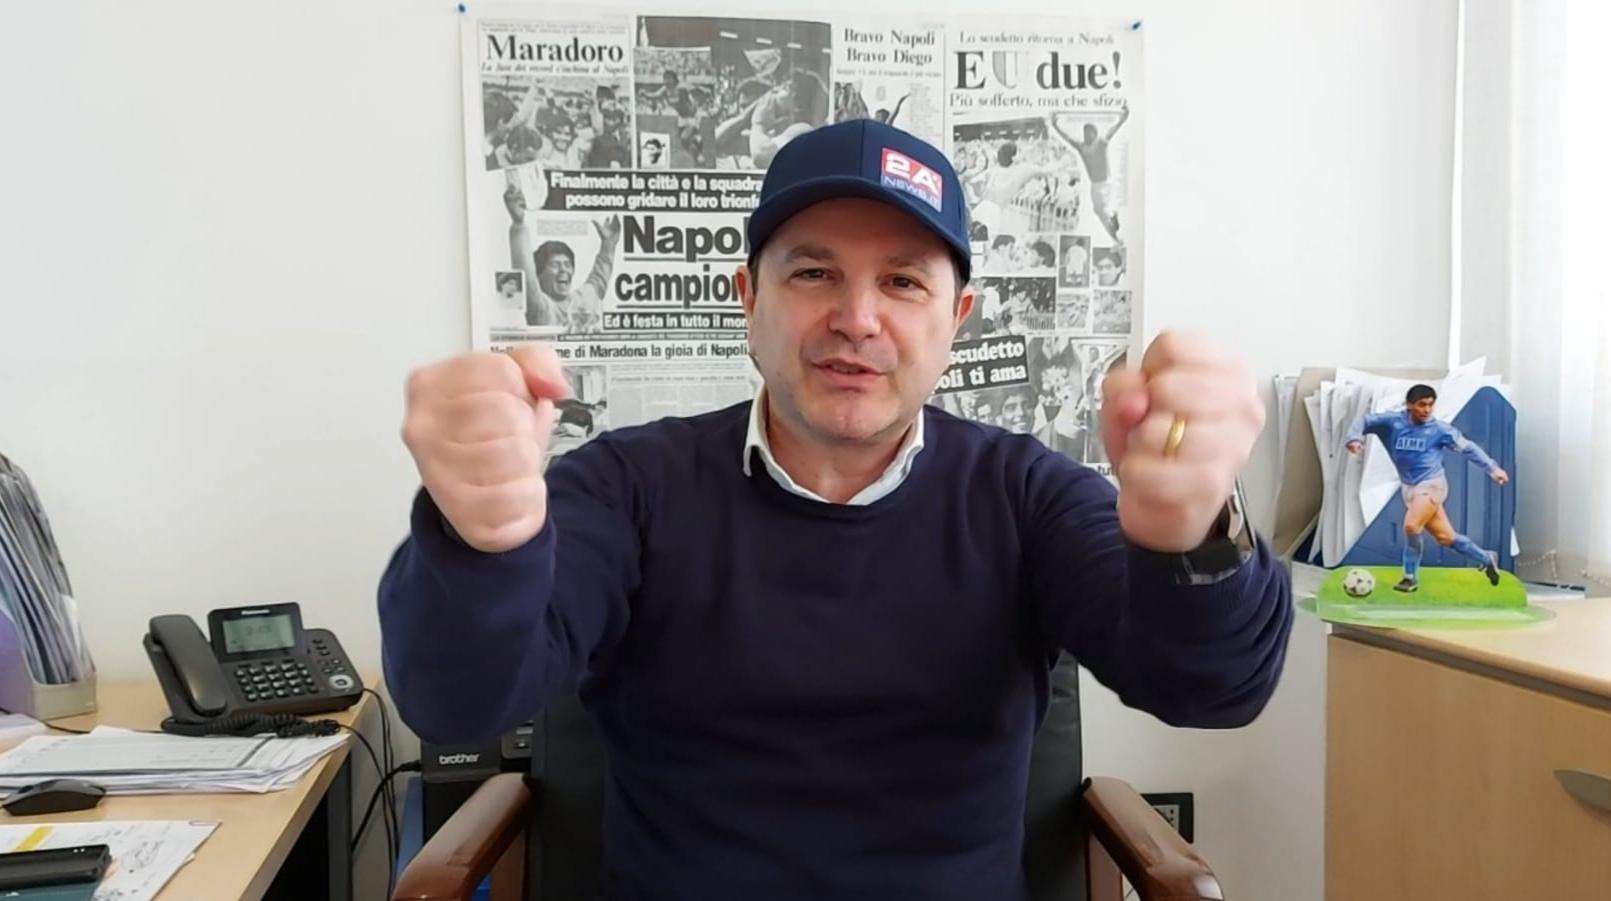 La videorubrica Fozzzzza Napoli: Sul pareggio degli azzurri pesa il grave errore di Fabbri